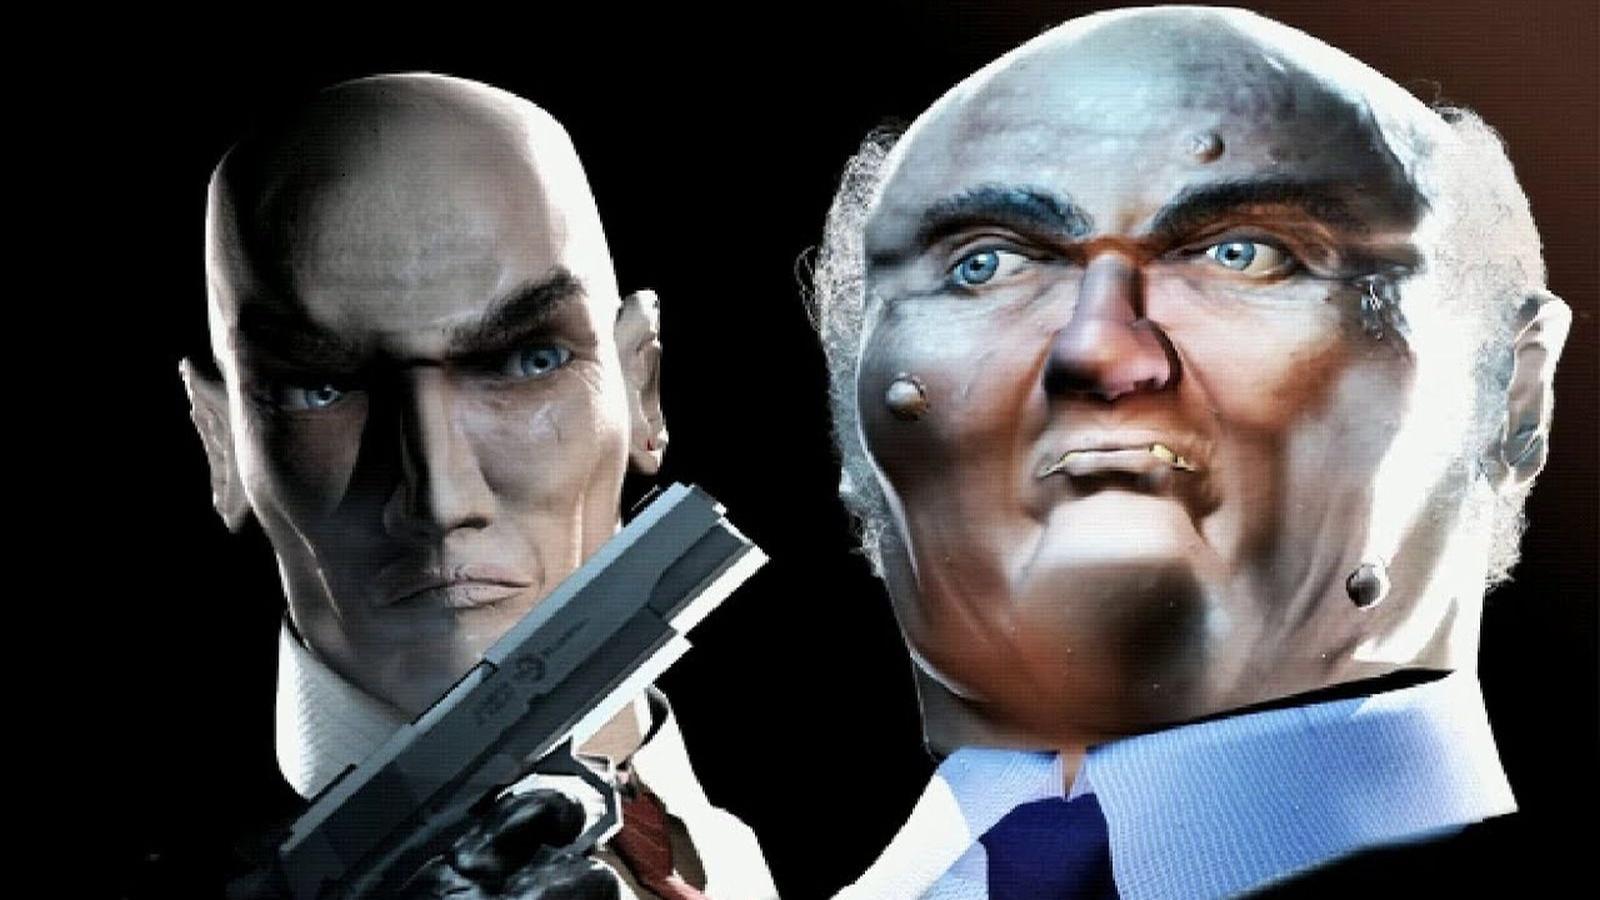 Una pantalla de carga de Hitman: Codename 47. Muestra al Agente 47 apuntando con un arma a un caballero mayor mal representado.